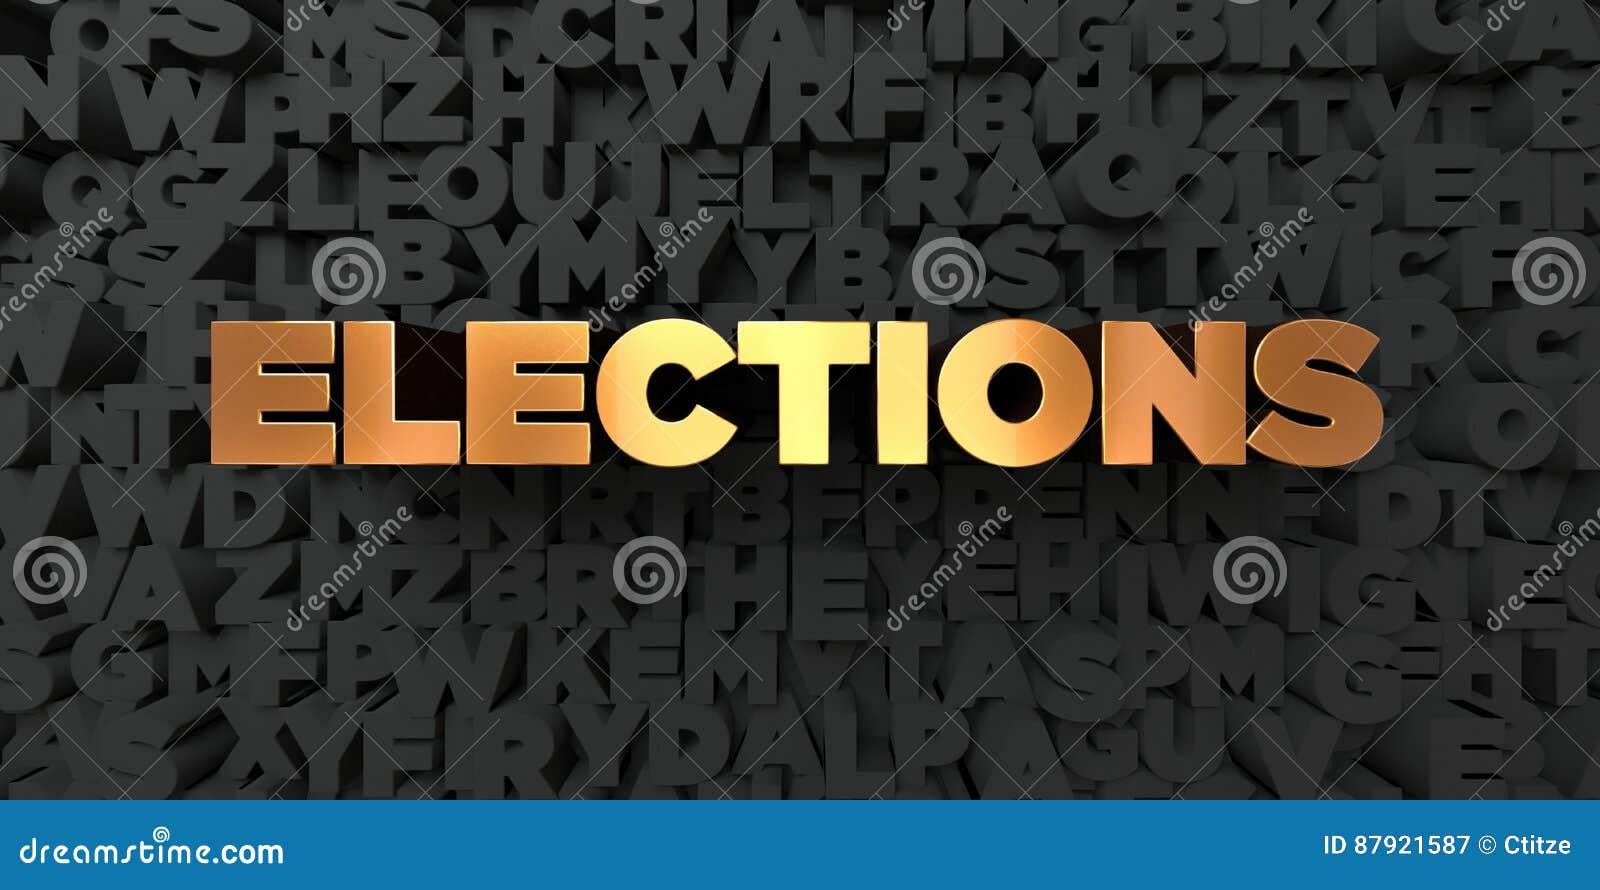 Εκλογές - χρυσό κείμενο στο μαύρο υπόβαθρο - τρισδιάστατο δικαίωμα ελεύθερη εικόνα αποθεμάτων